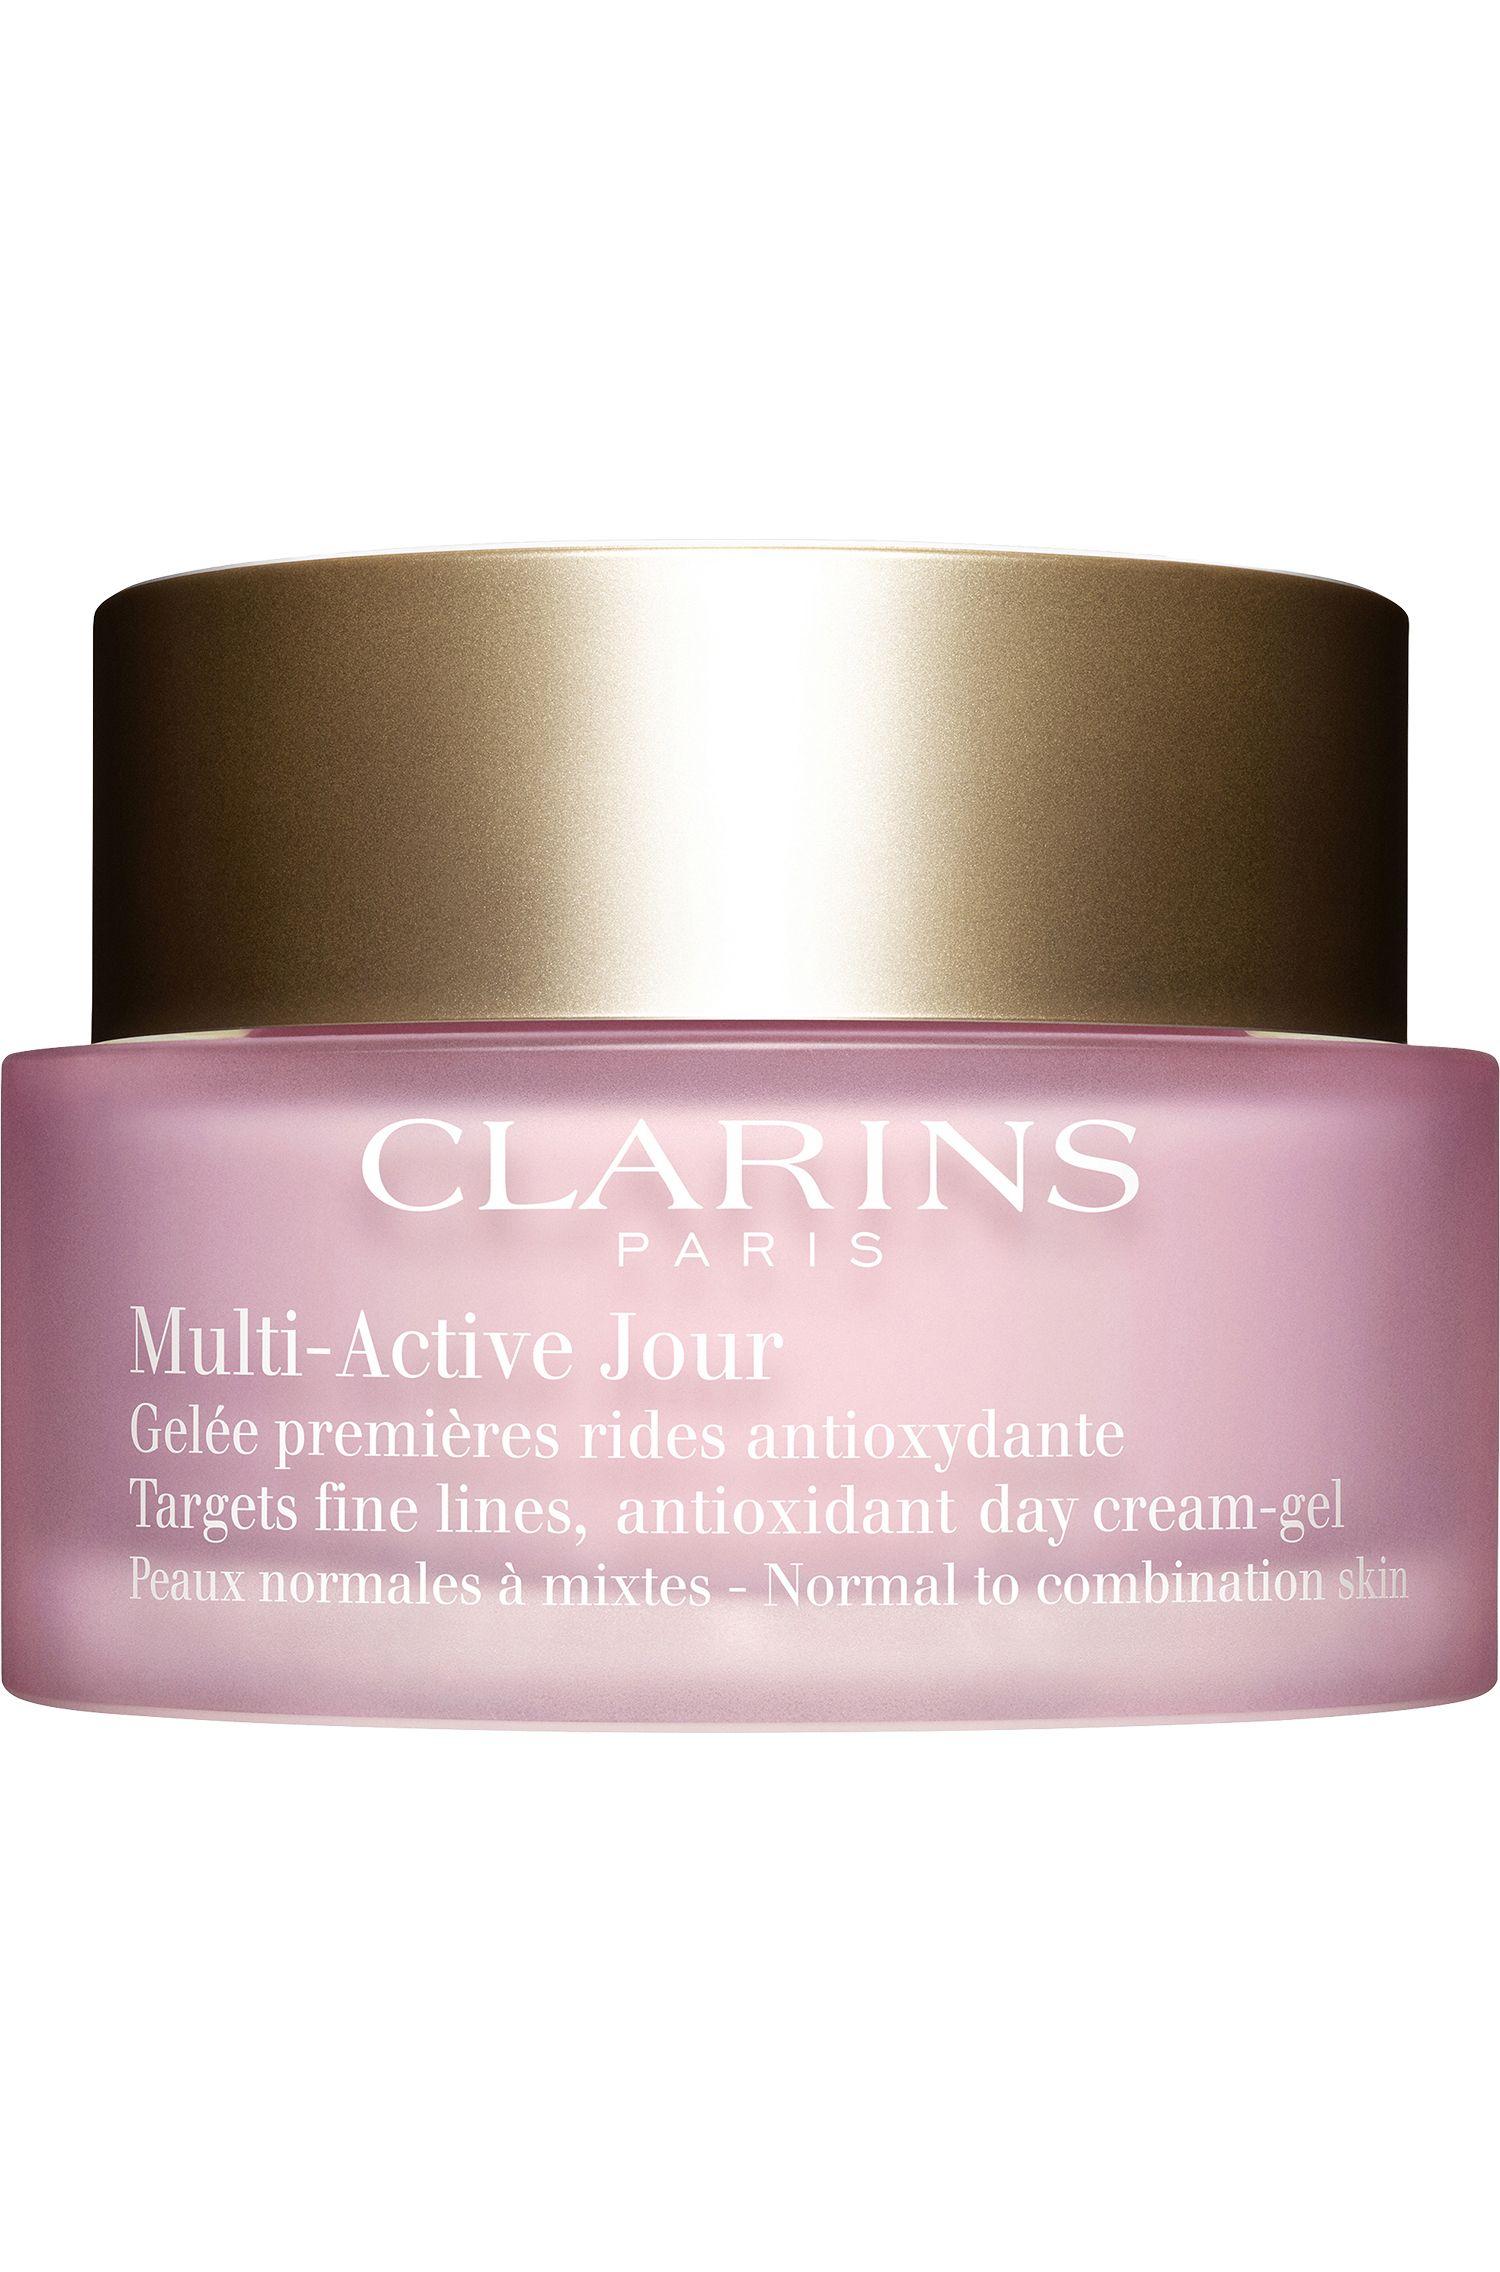 Blissim : Clarins - Gelée premières rides anti-oxydante Multi-Active peaux normales à mixtes - Gelée premières rides anti-oxydante Multi-Active peaux normales à mixtes